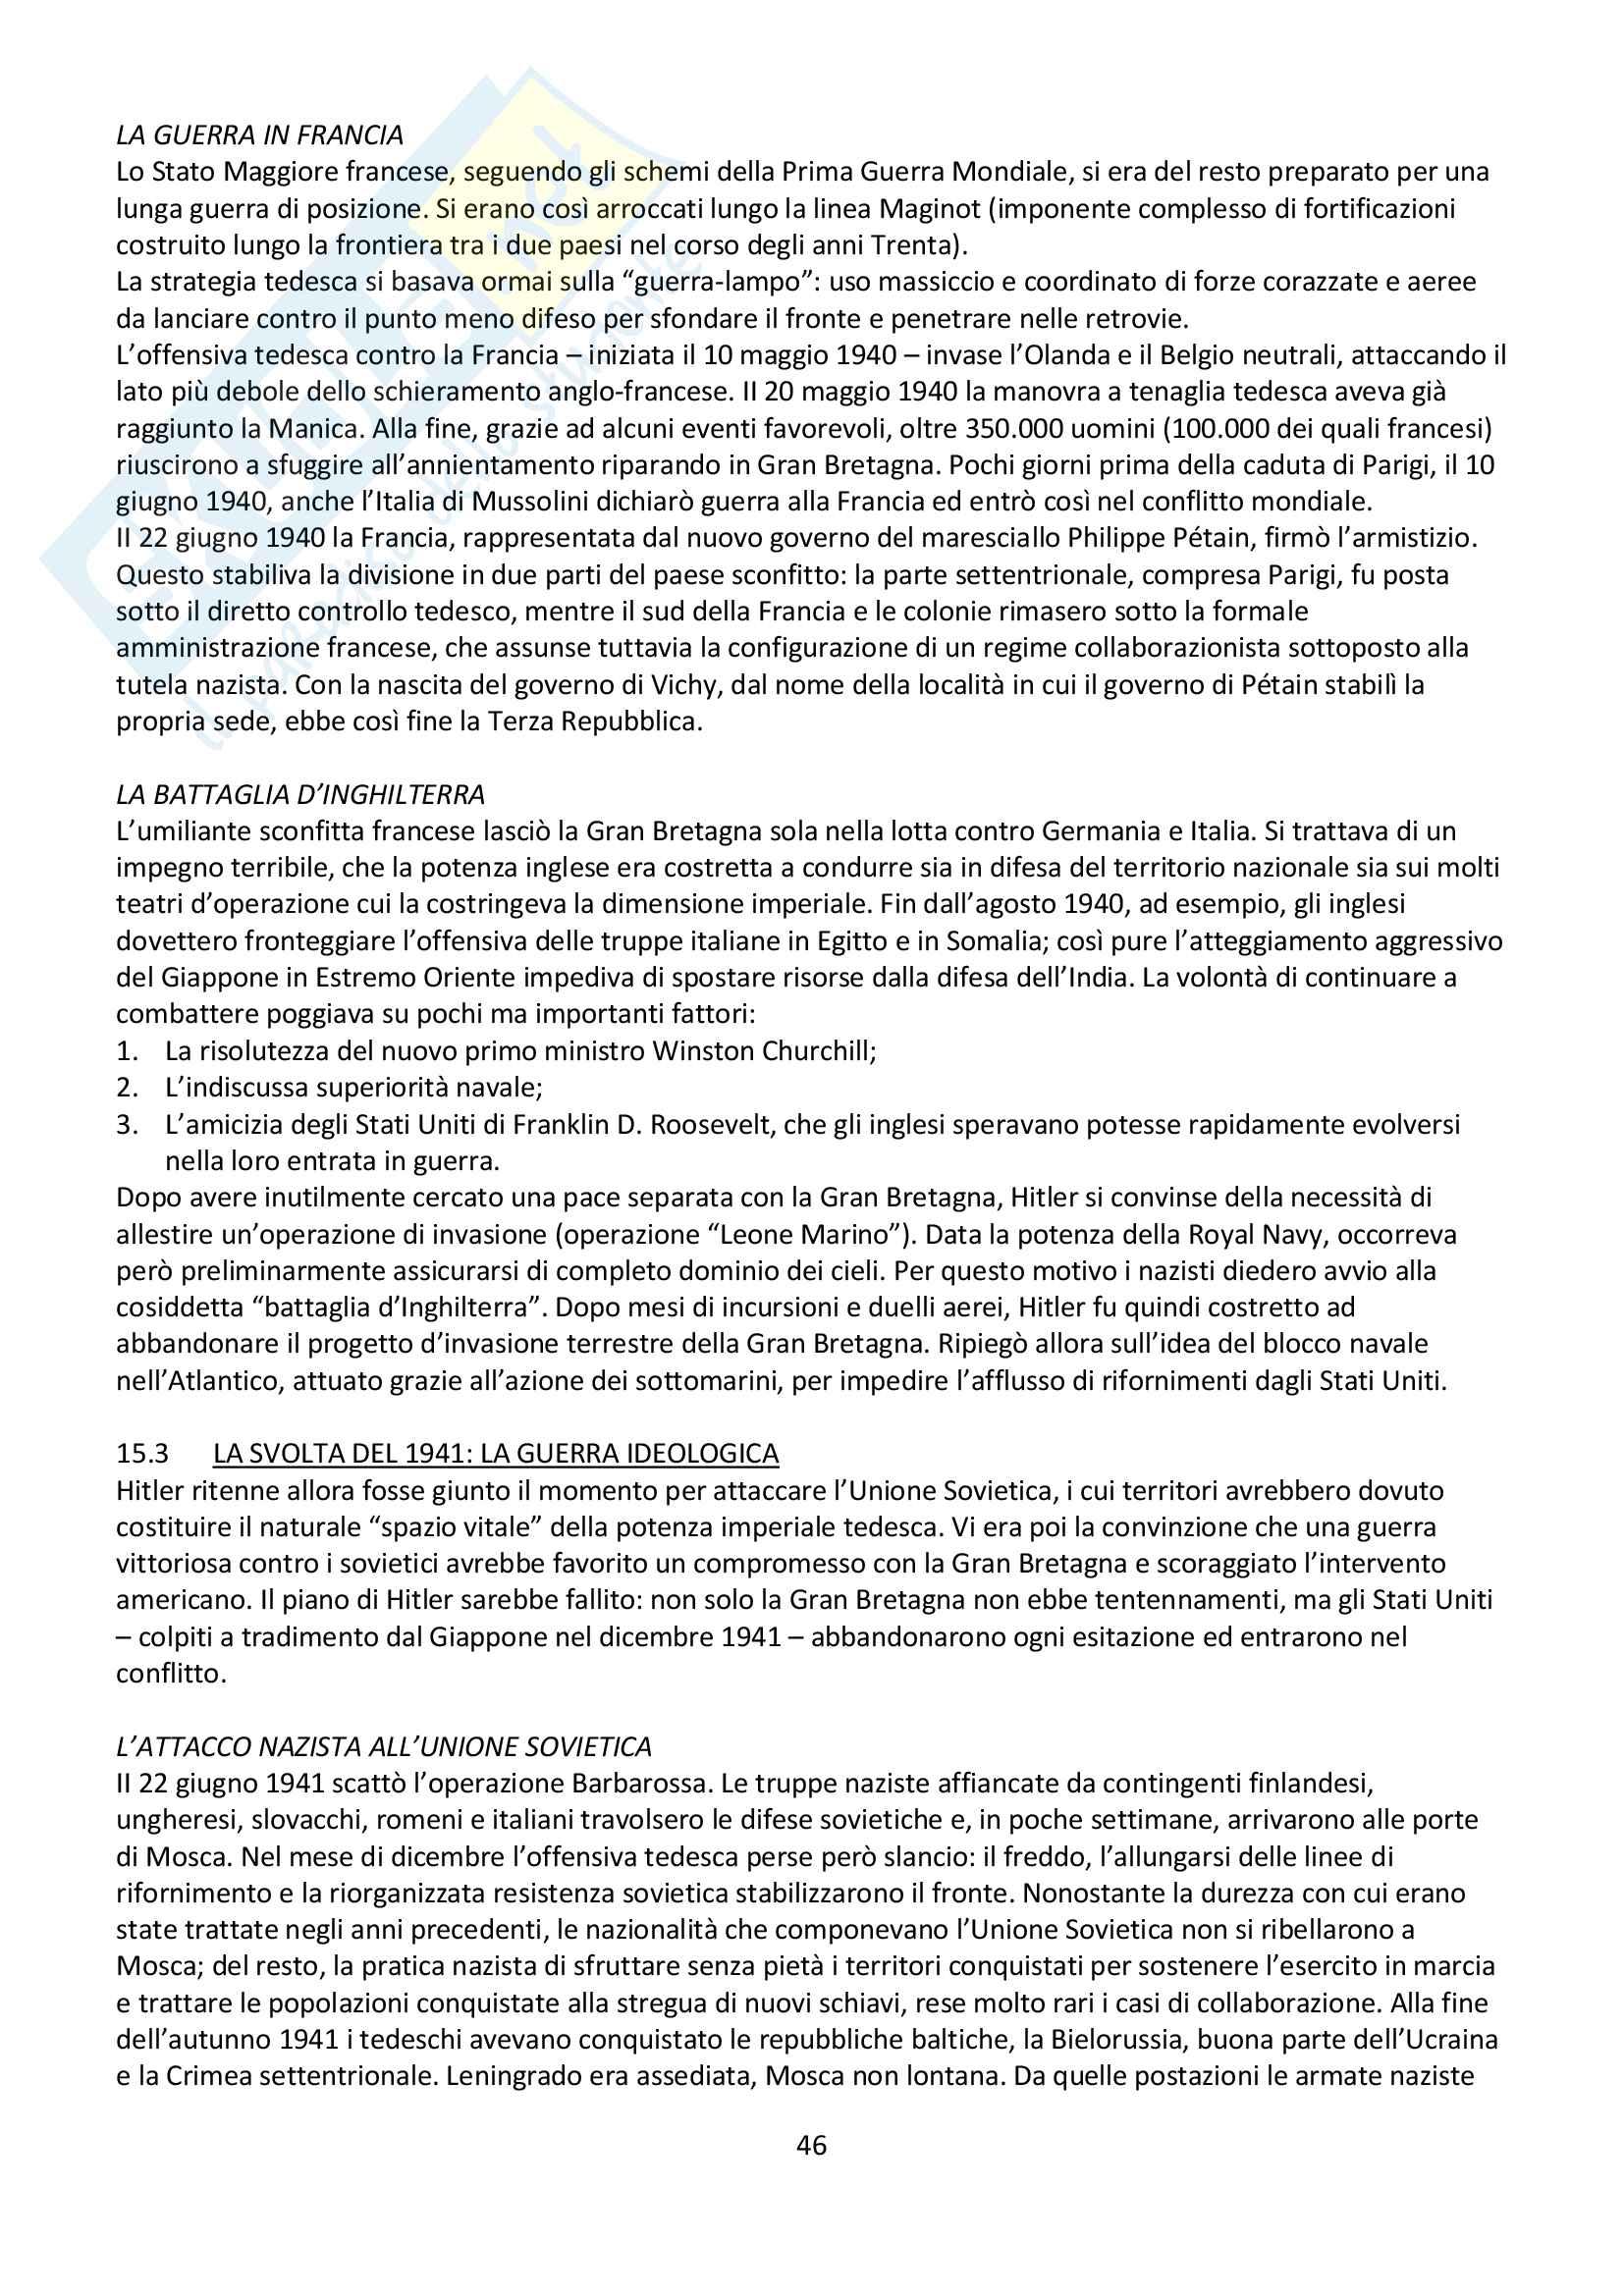 """Riassunto esame storia contemporanea, prof. Baravelli. Libro consigliato """"Venti lezioni di storia contemporanea dal 1848 ad oggi"""", Andrea Baravelli, Ilaria Cerioli Pag. 46"""